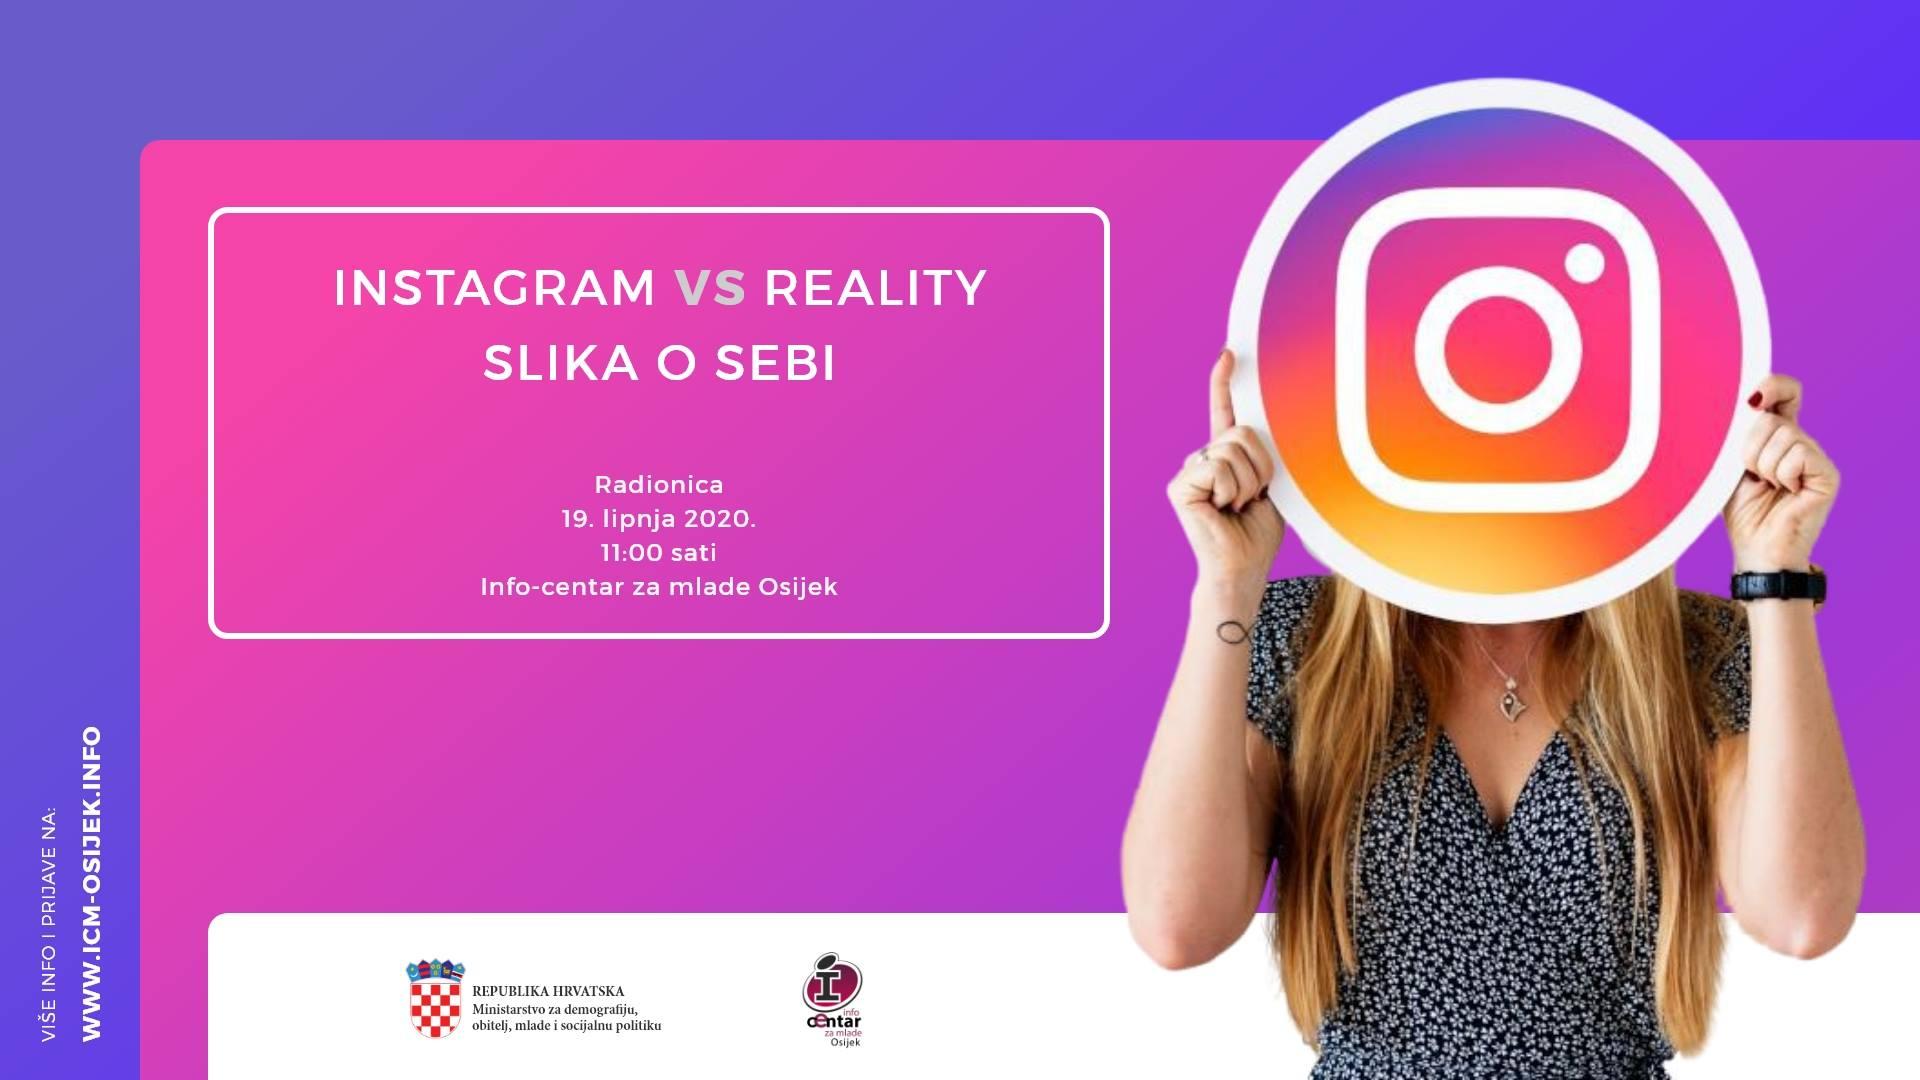 Slika o sebi: Instagram vs.reality - radionica